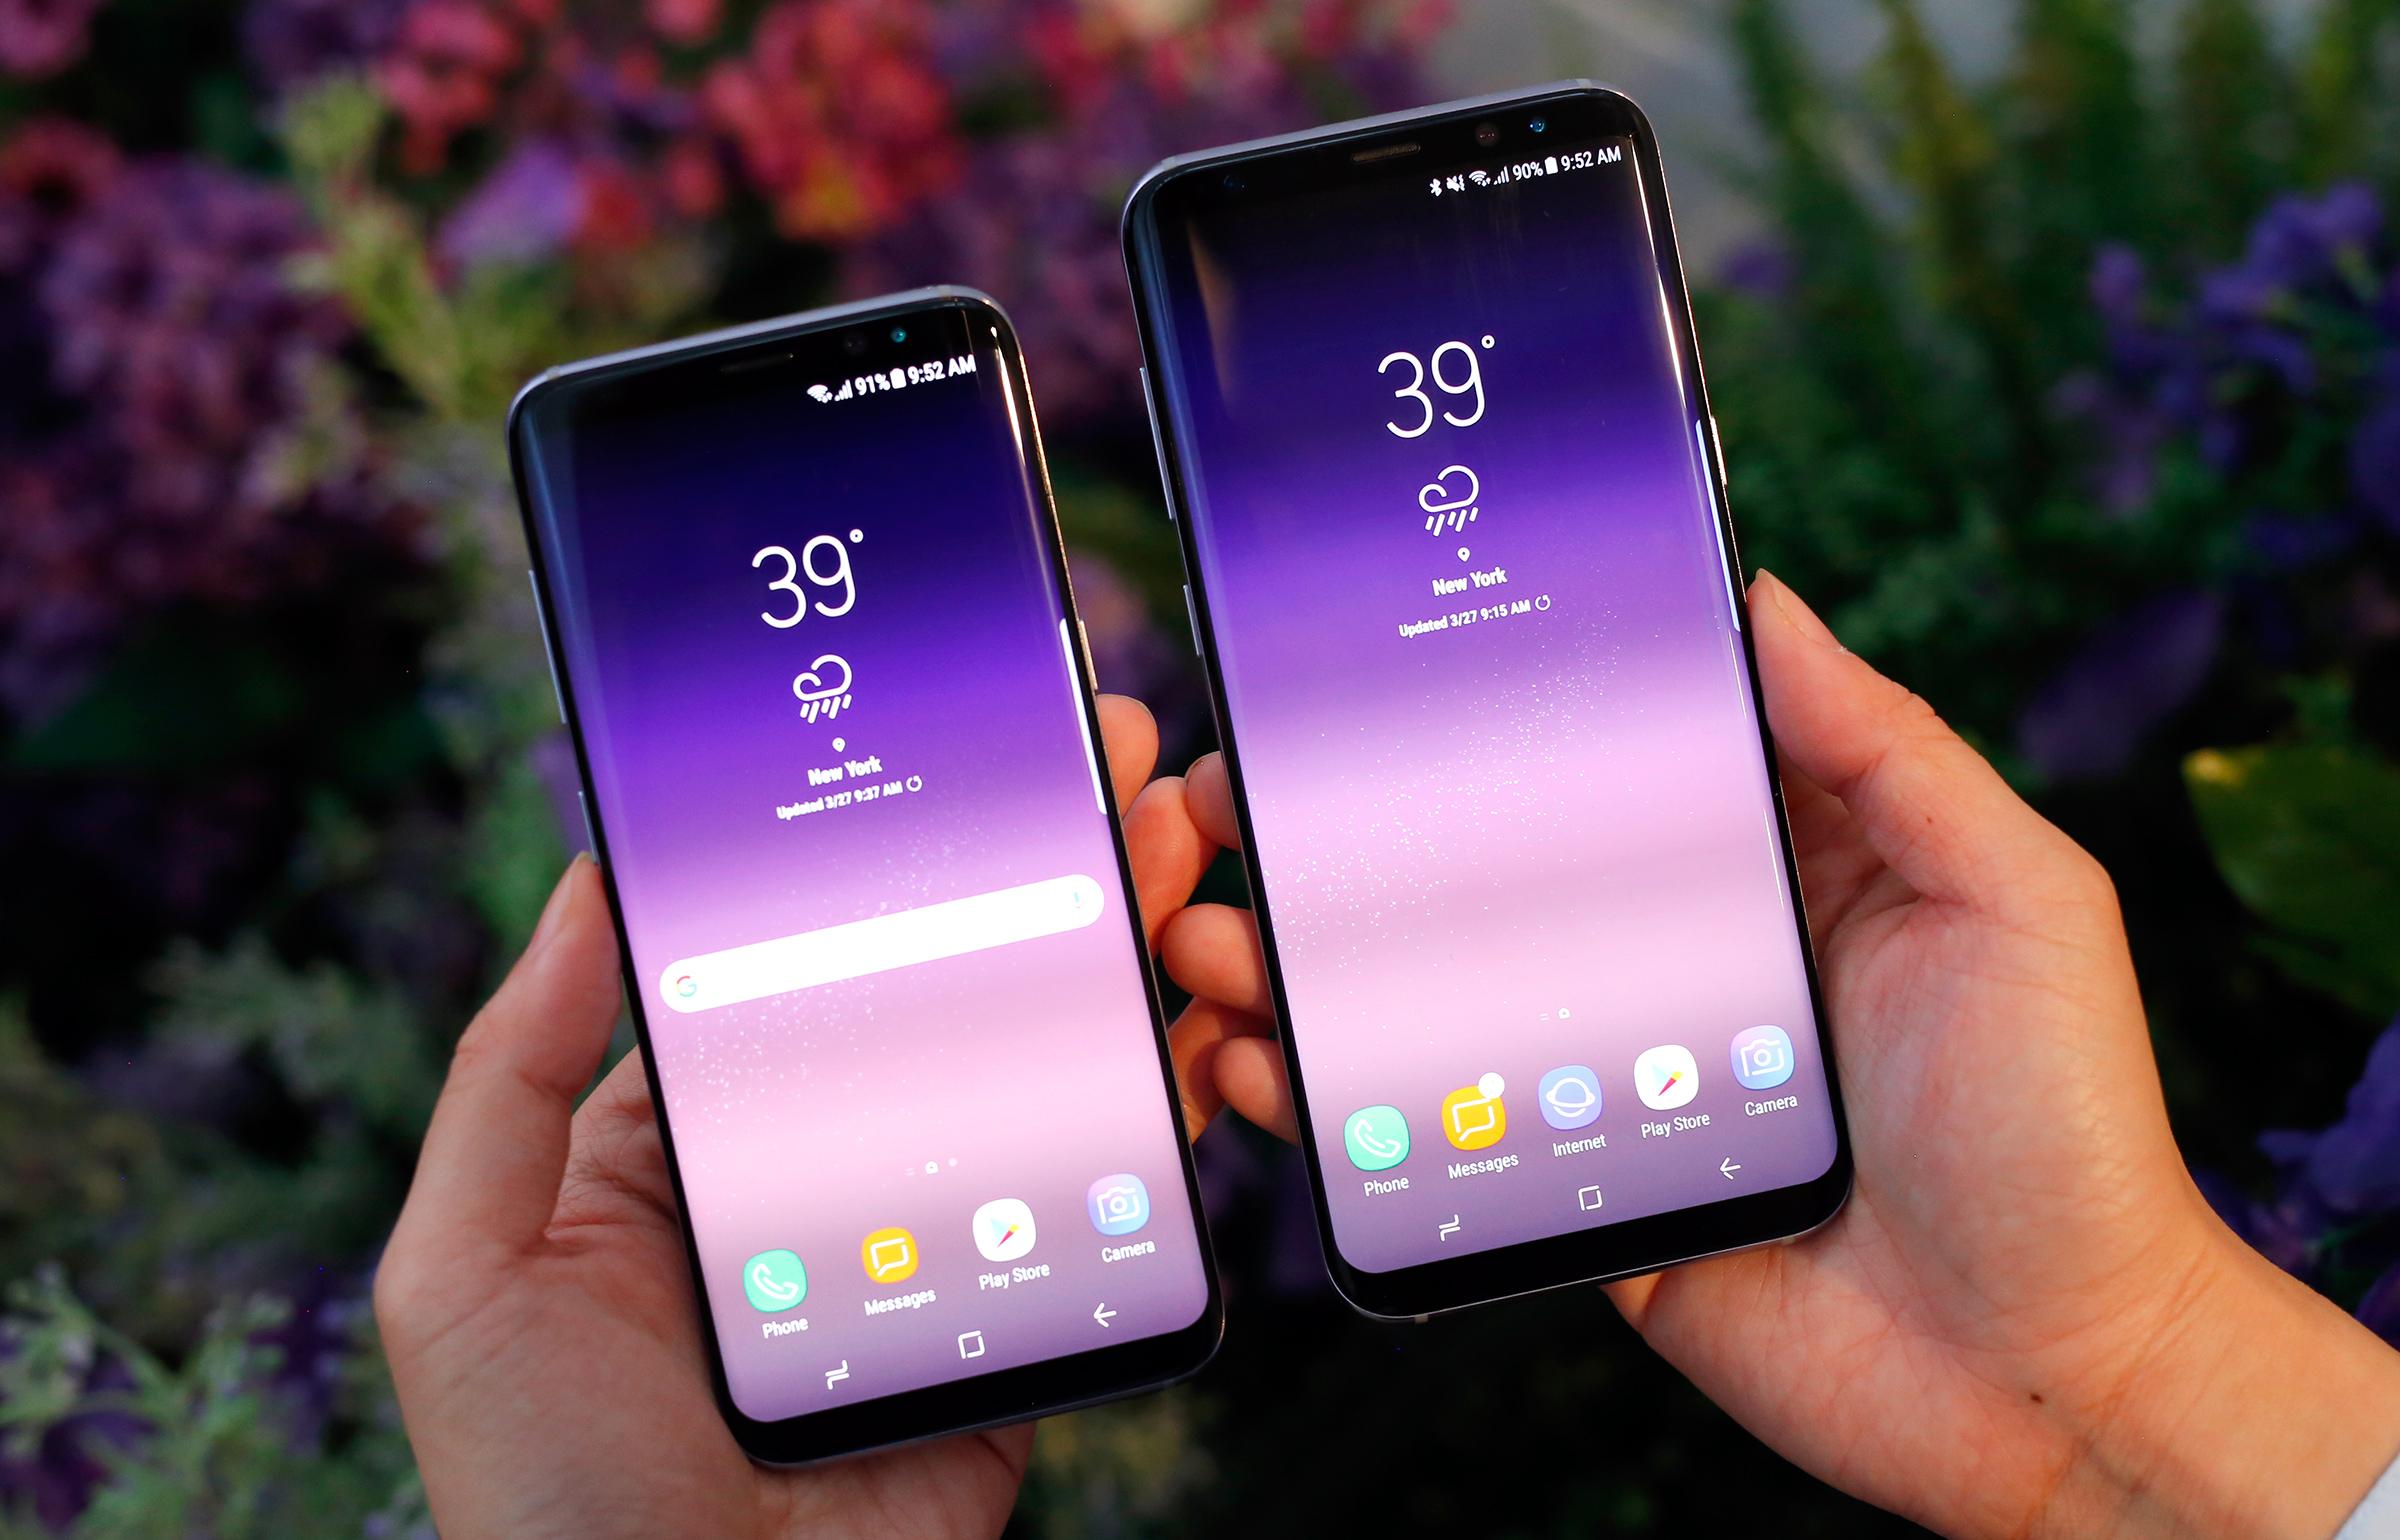 Samsung Galaxy S8 и Galaxy S8+ больше не будут получать ежемесячные патчи безопасности